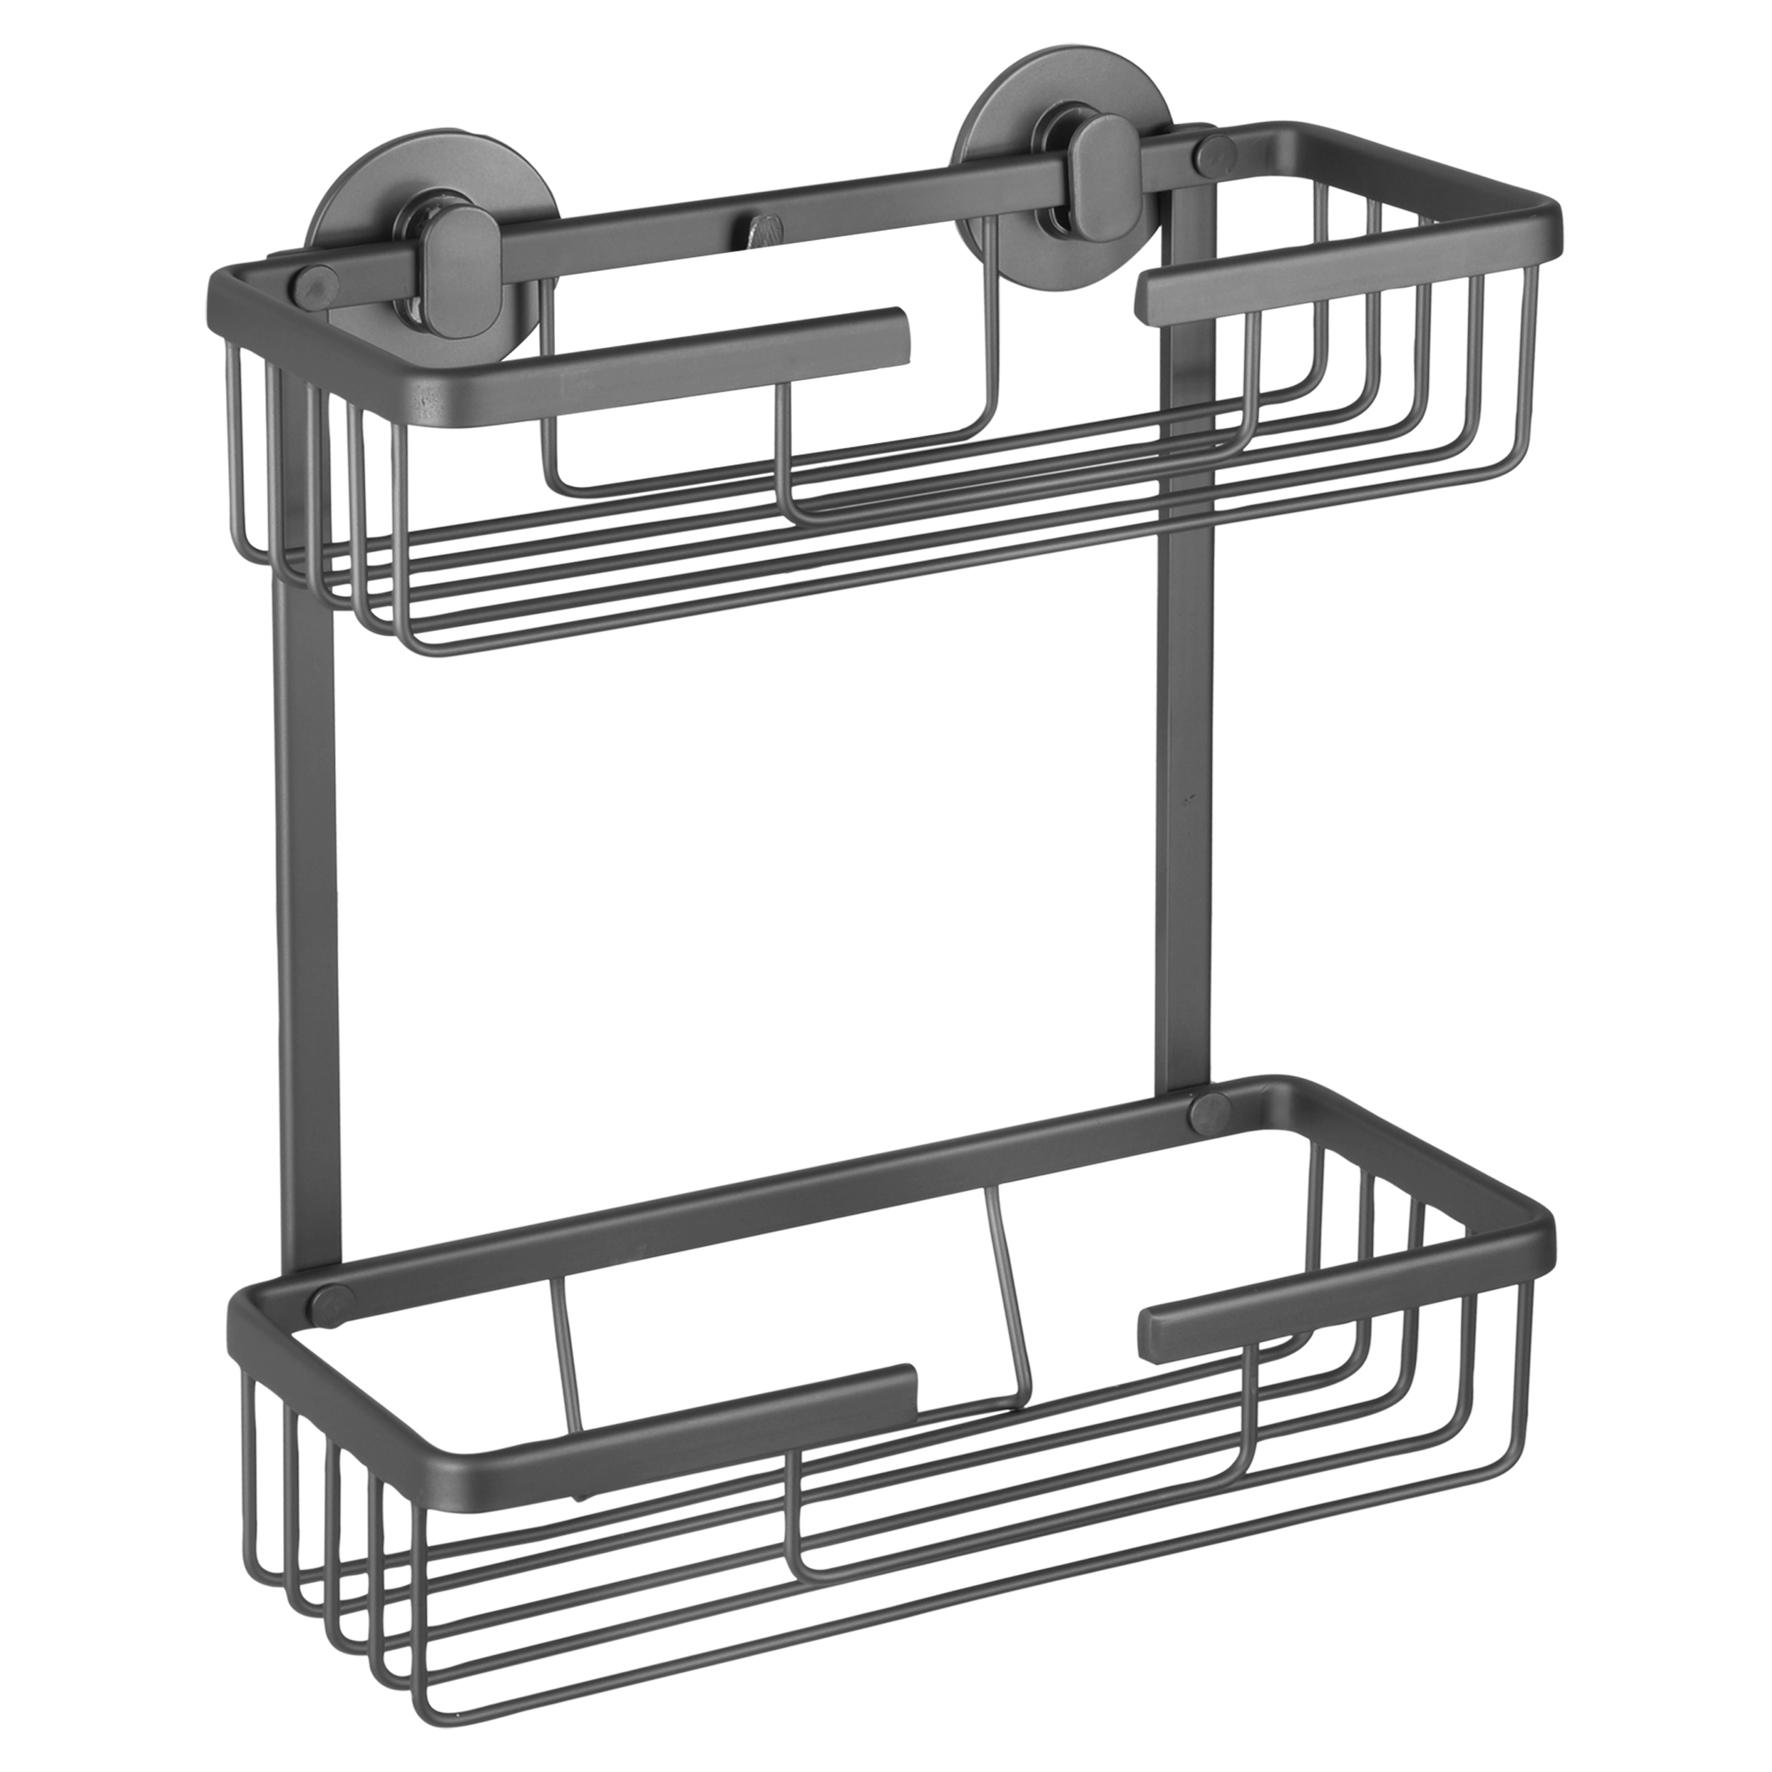 Differnz draadmand - rechthoek 2-laags - aluminium - gun metal